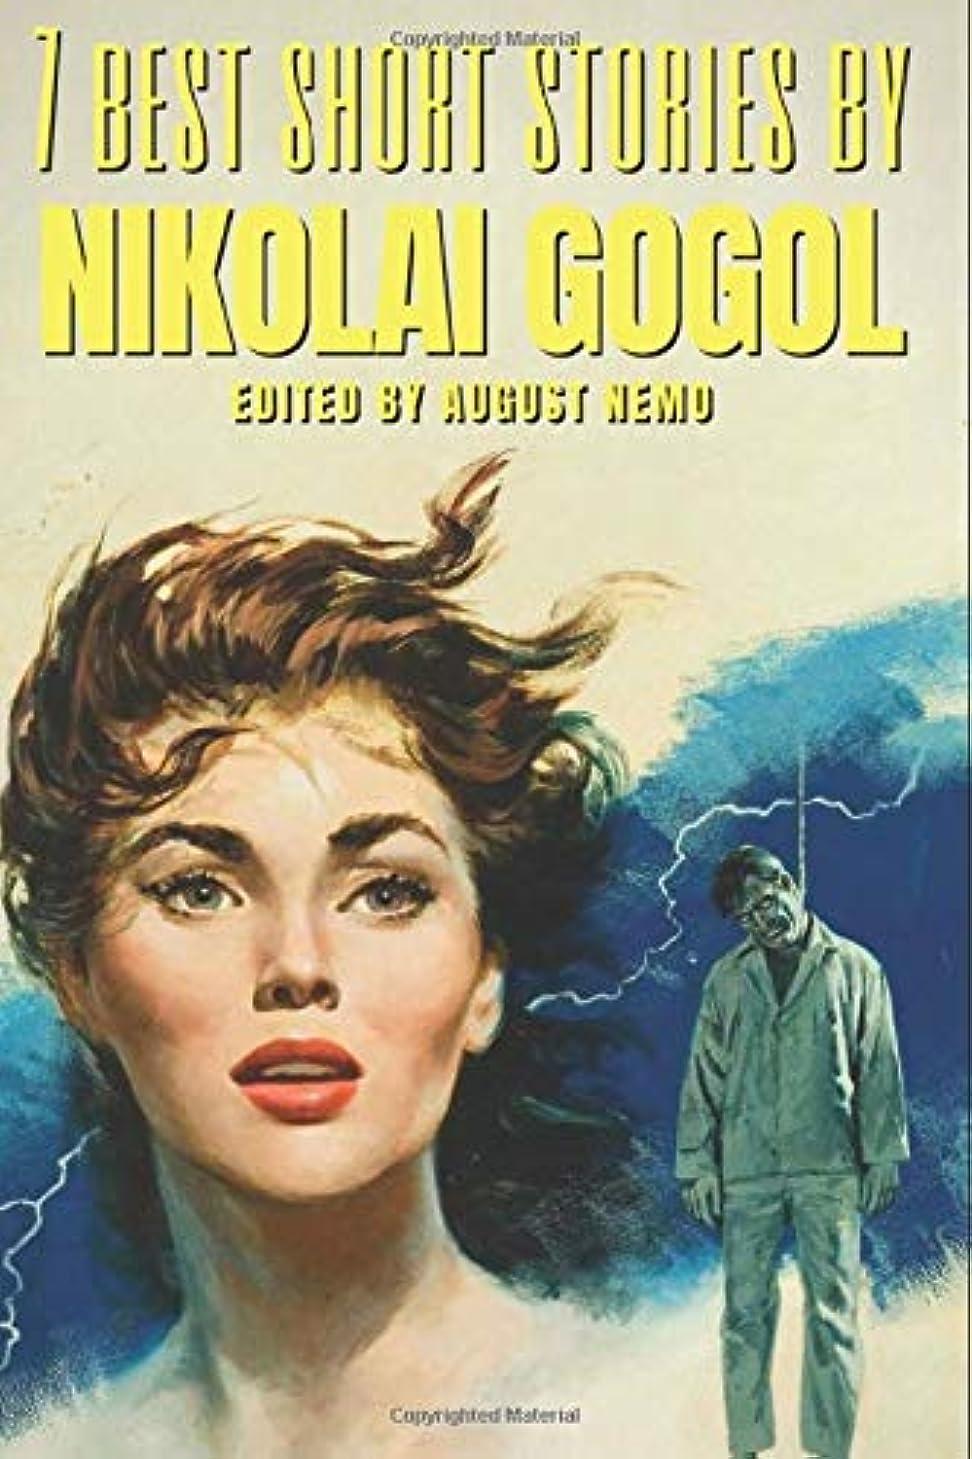 バンド生じる民主主義7 best short stories by Nikolai Gogol